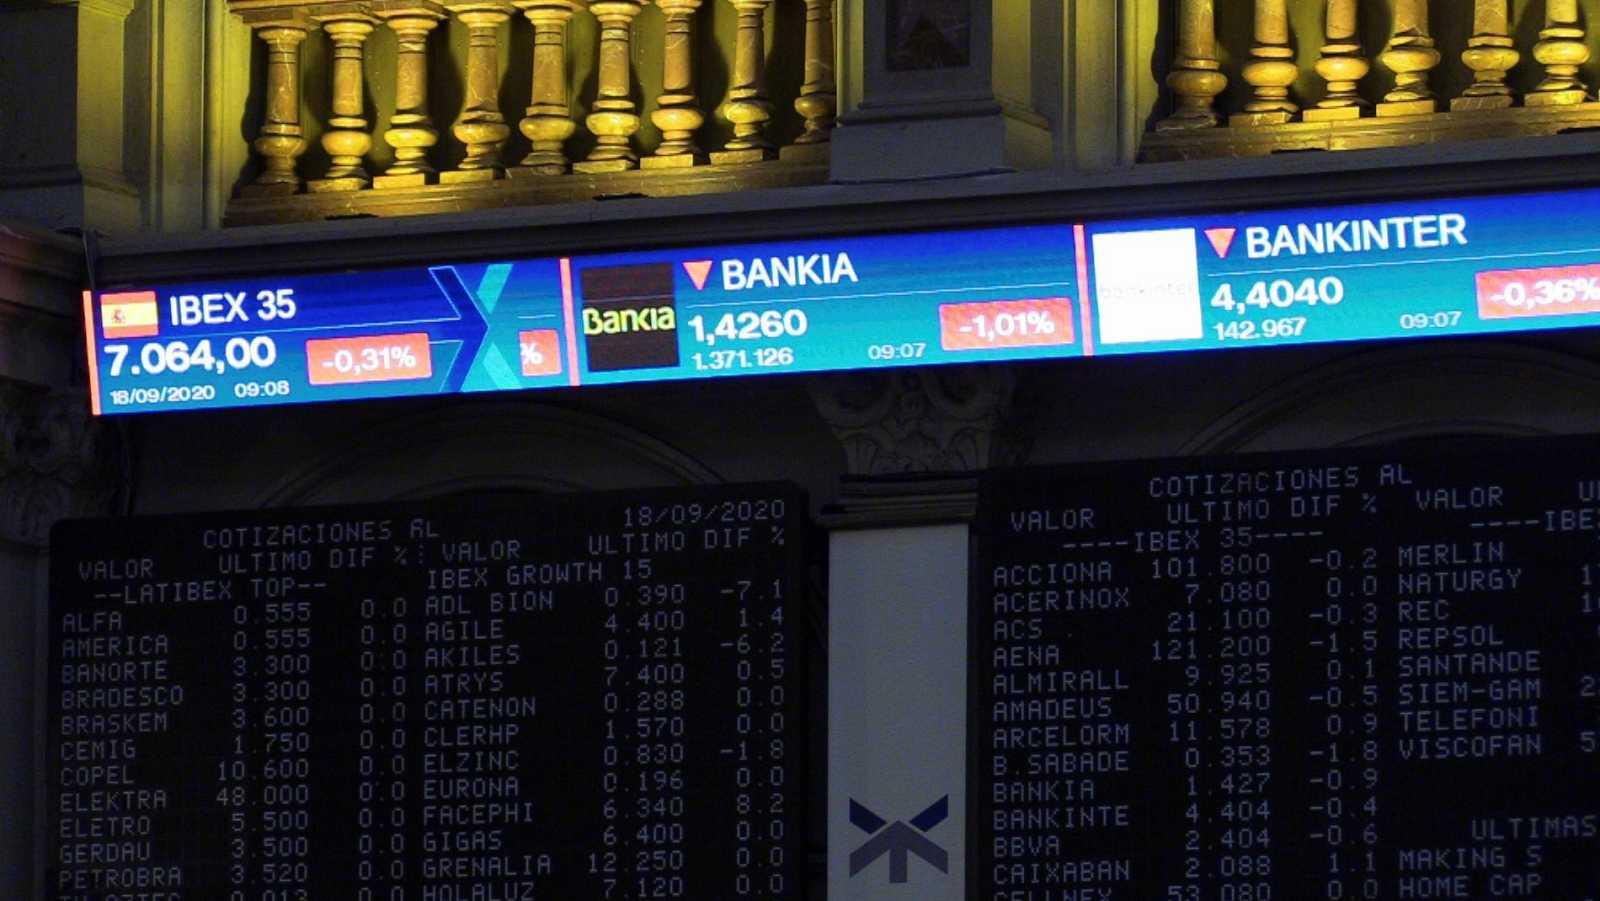 Cotización de algunos bancos en un panel informativo